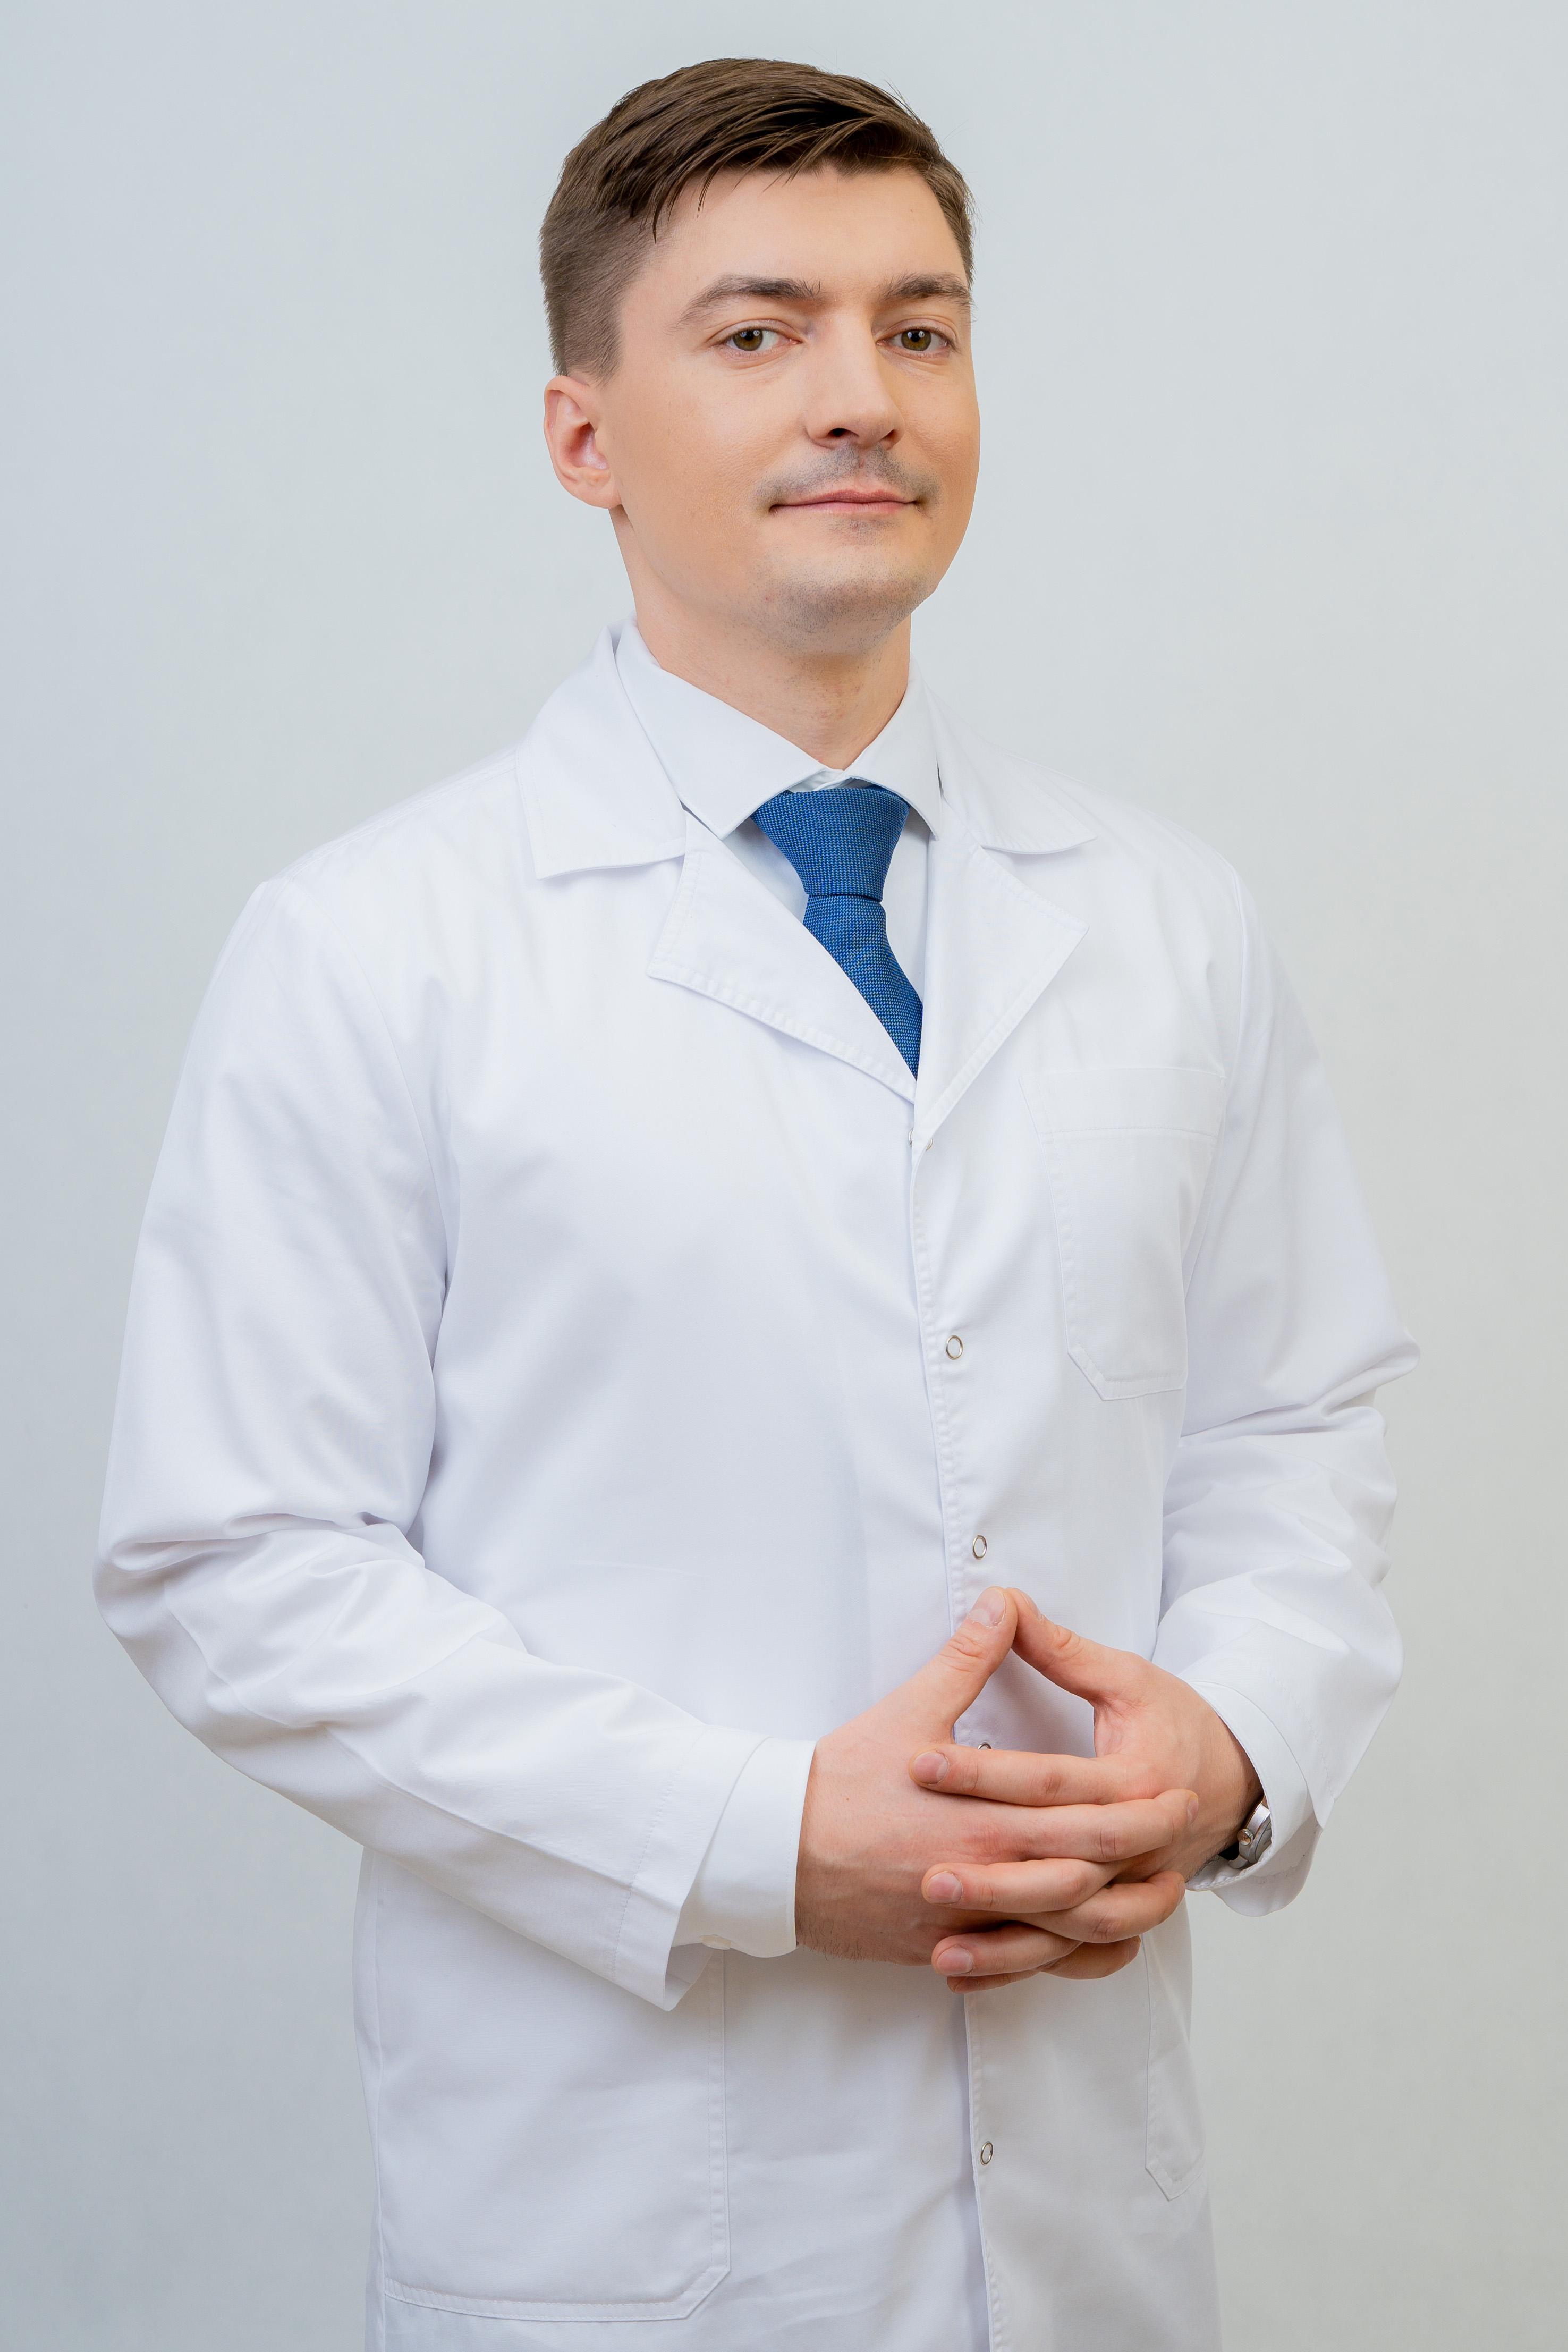 Gerkulov Dmitry Andreevich